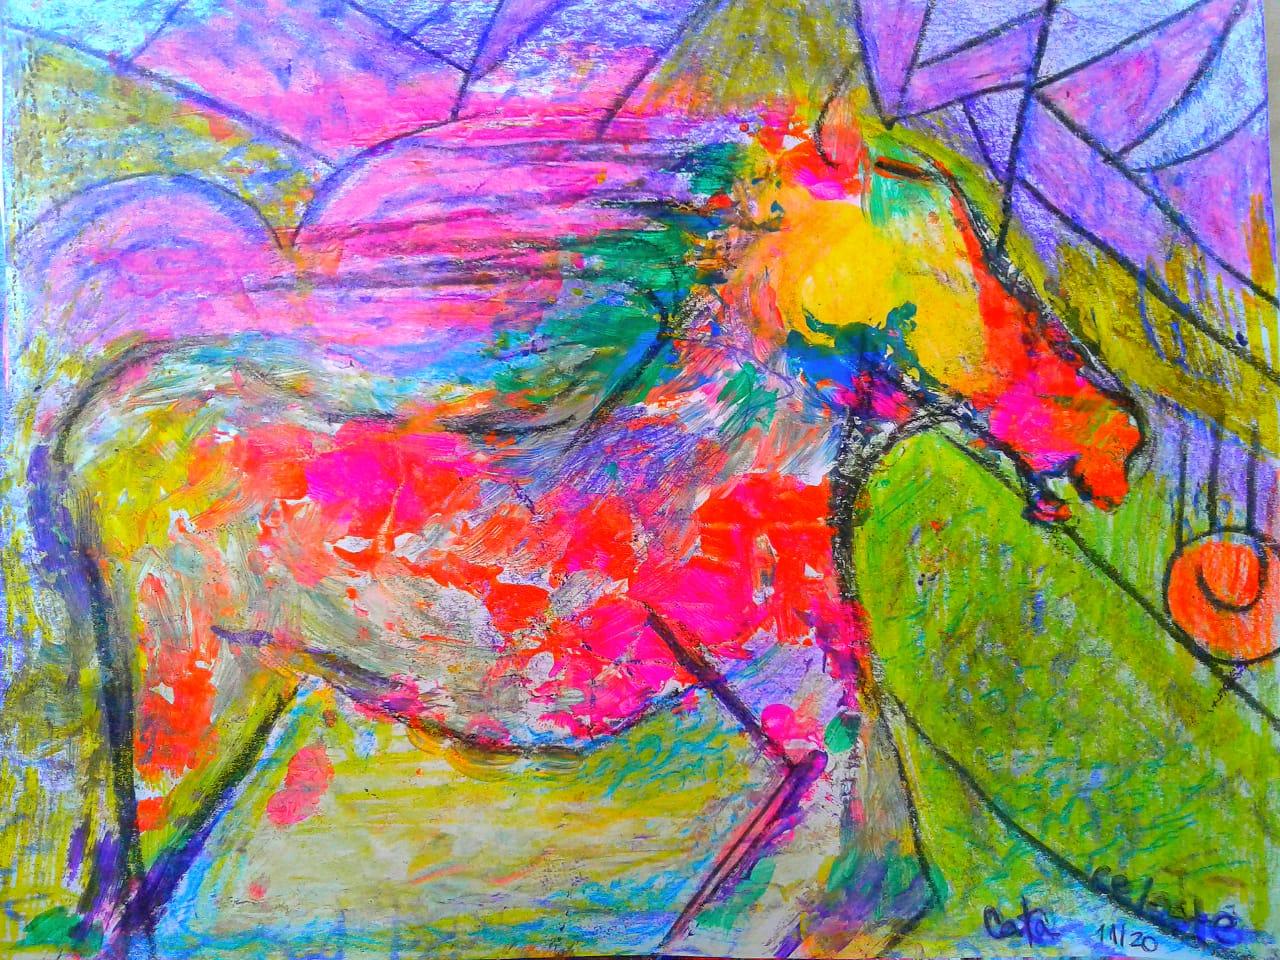 Caballo 3 - Obras de Arte